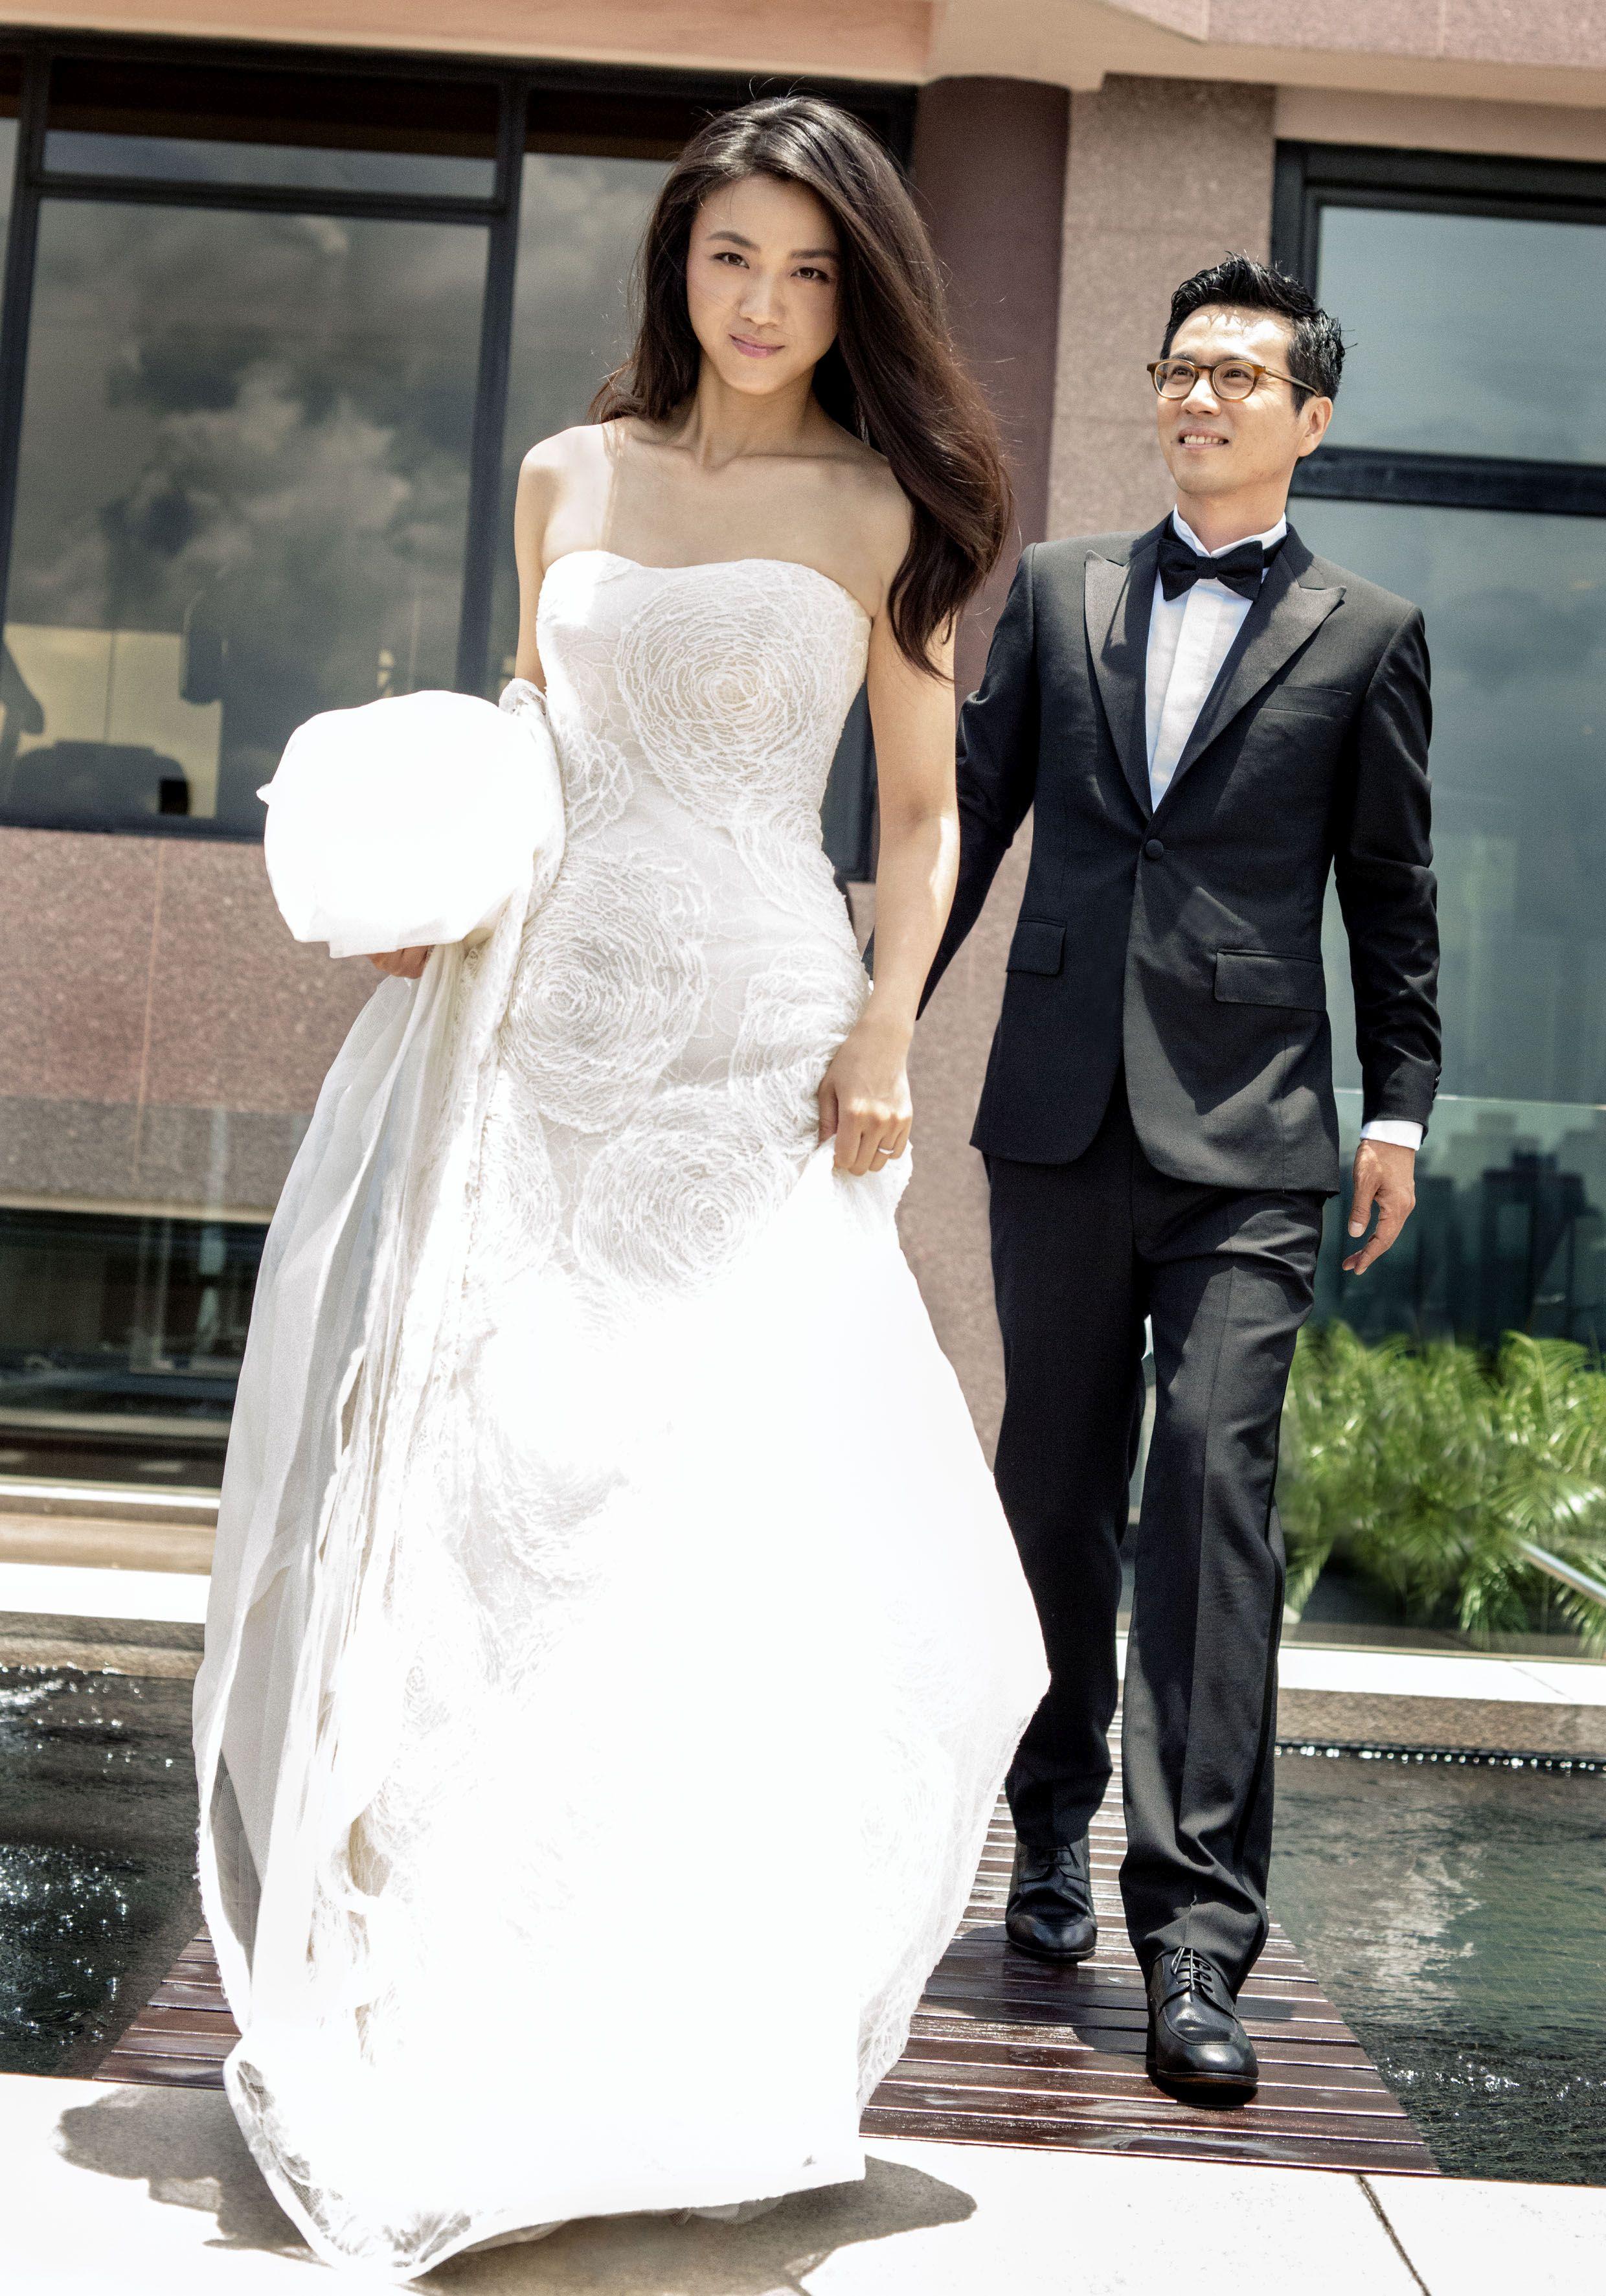 当地时间2014年1月8日,印尼巴厘岛,杨幂,刘恺威举办婚礼.